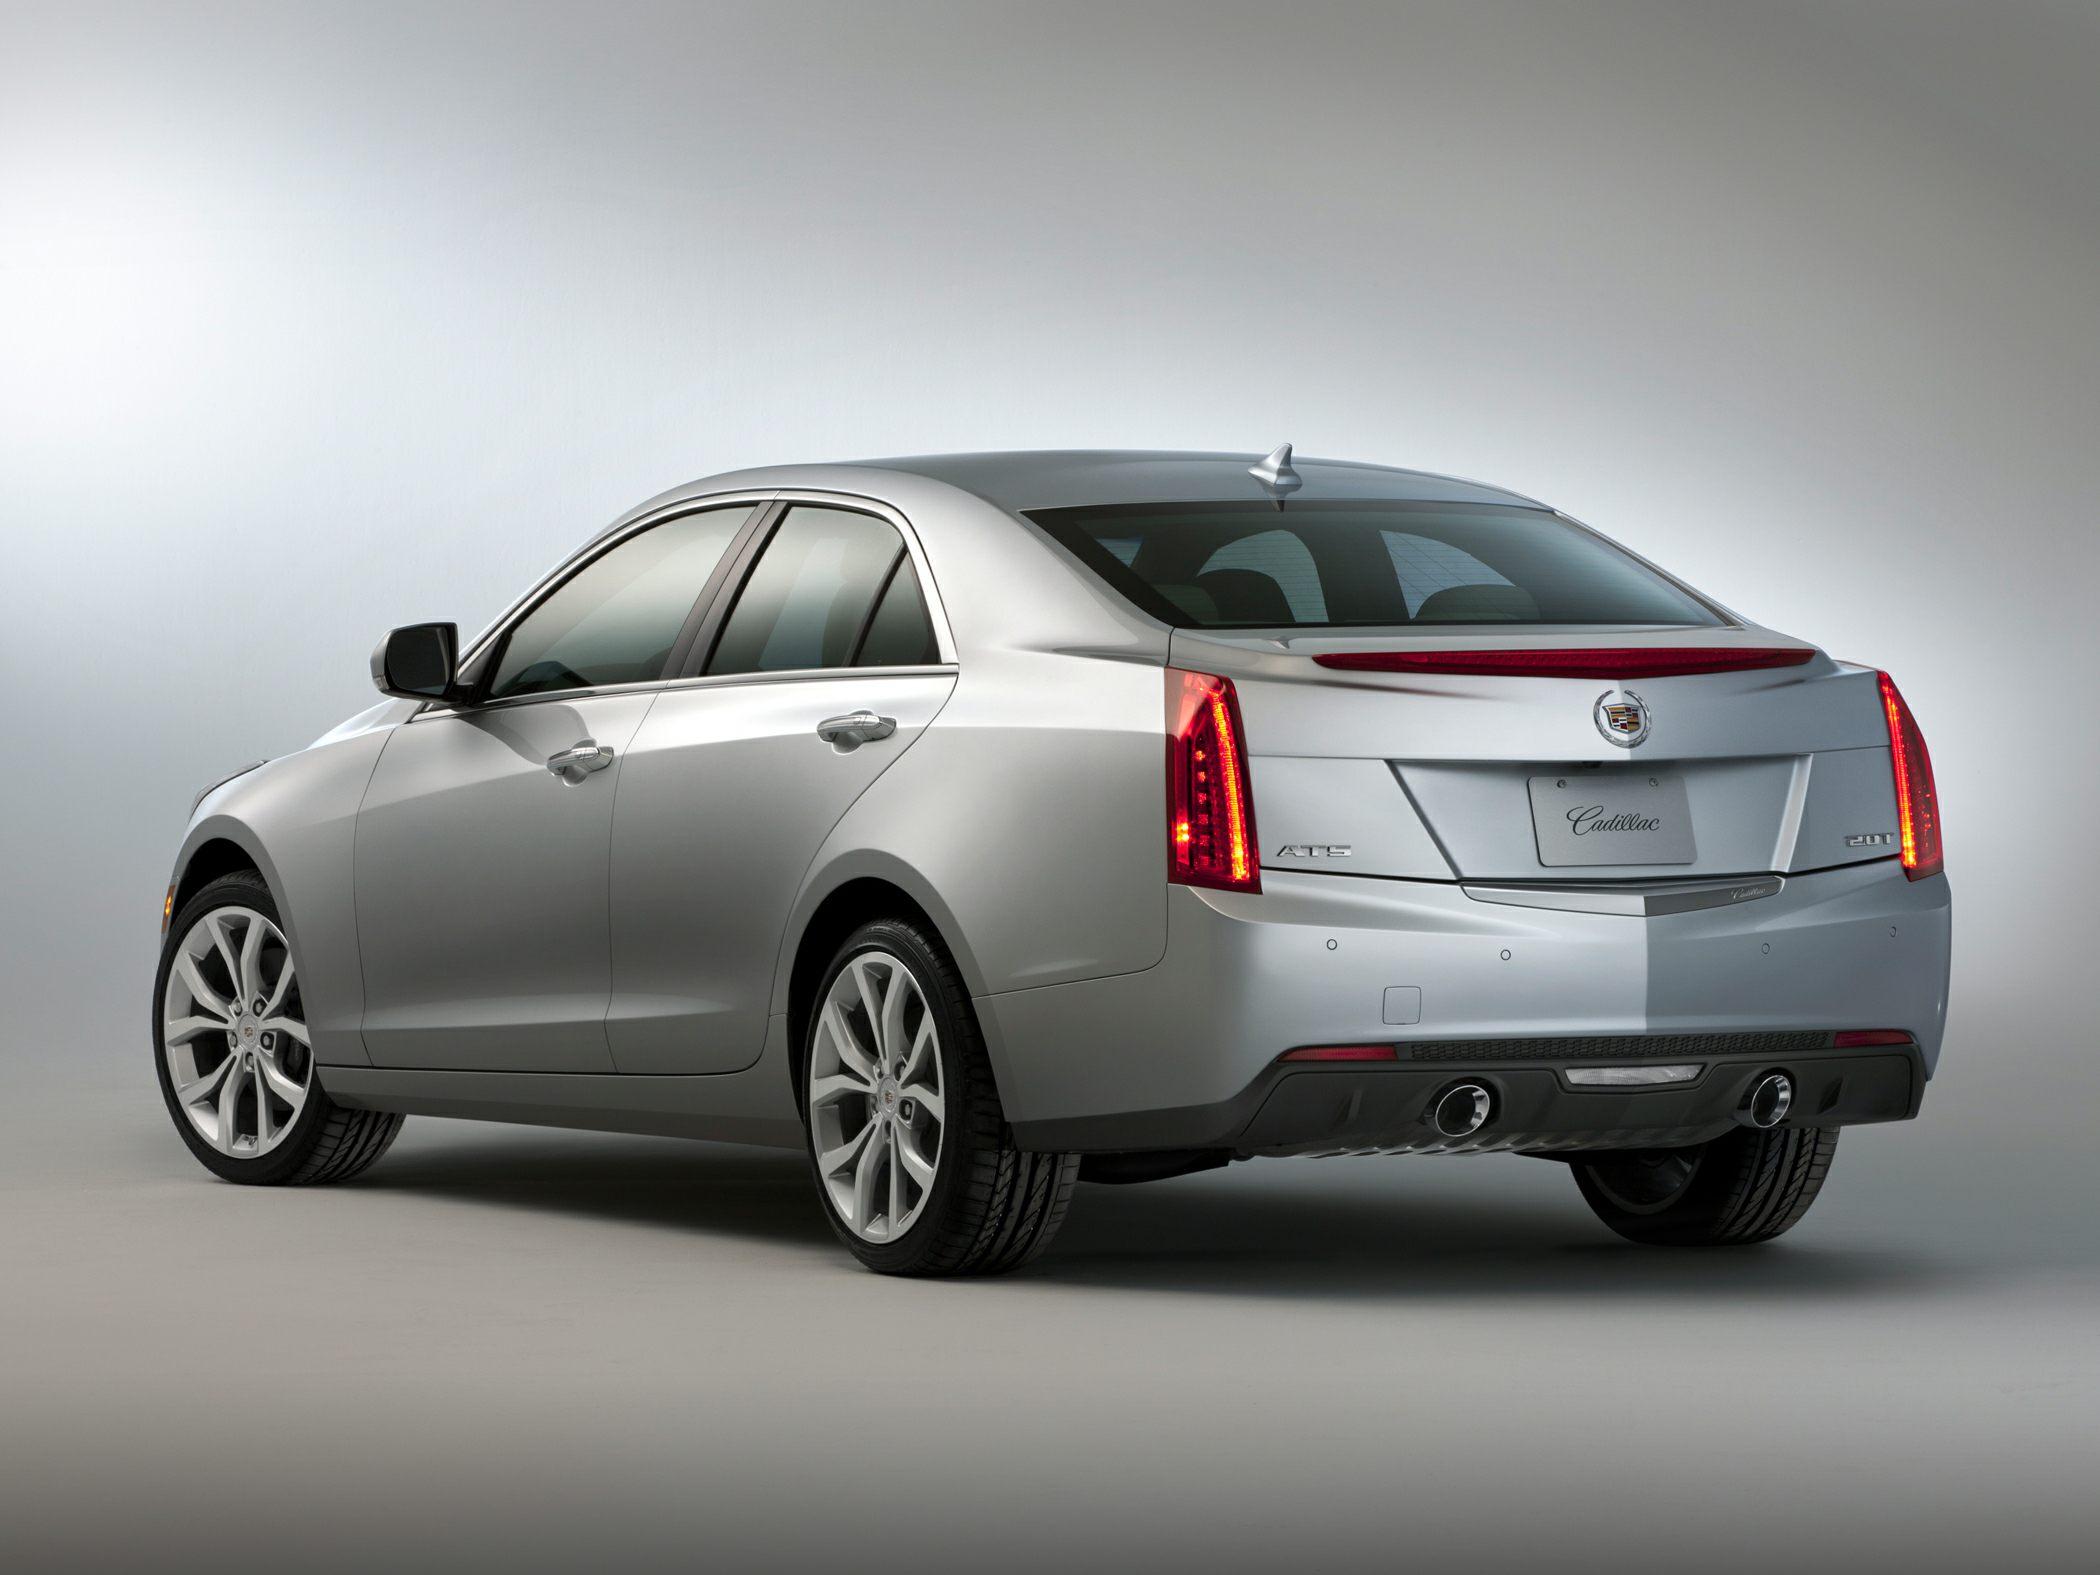 2014 Cadillac ATS Glam